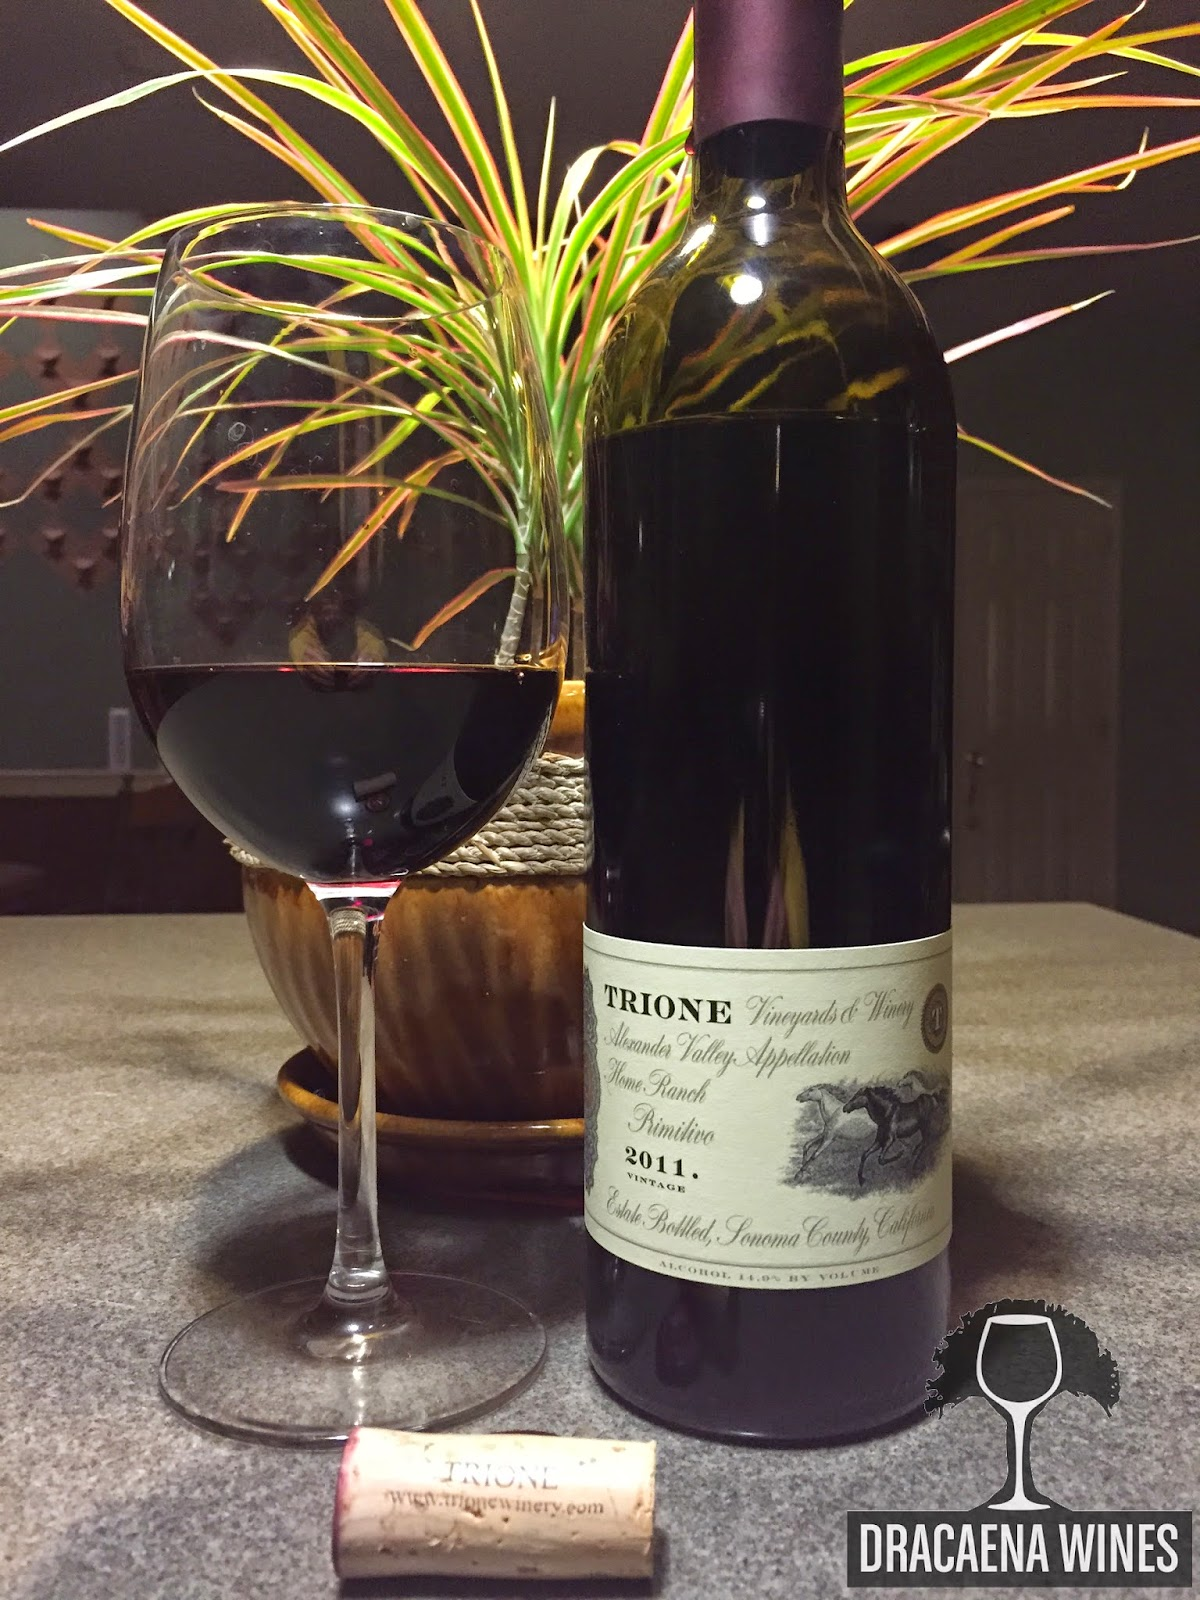 Sonoma, Dracaena wines